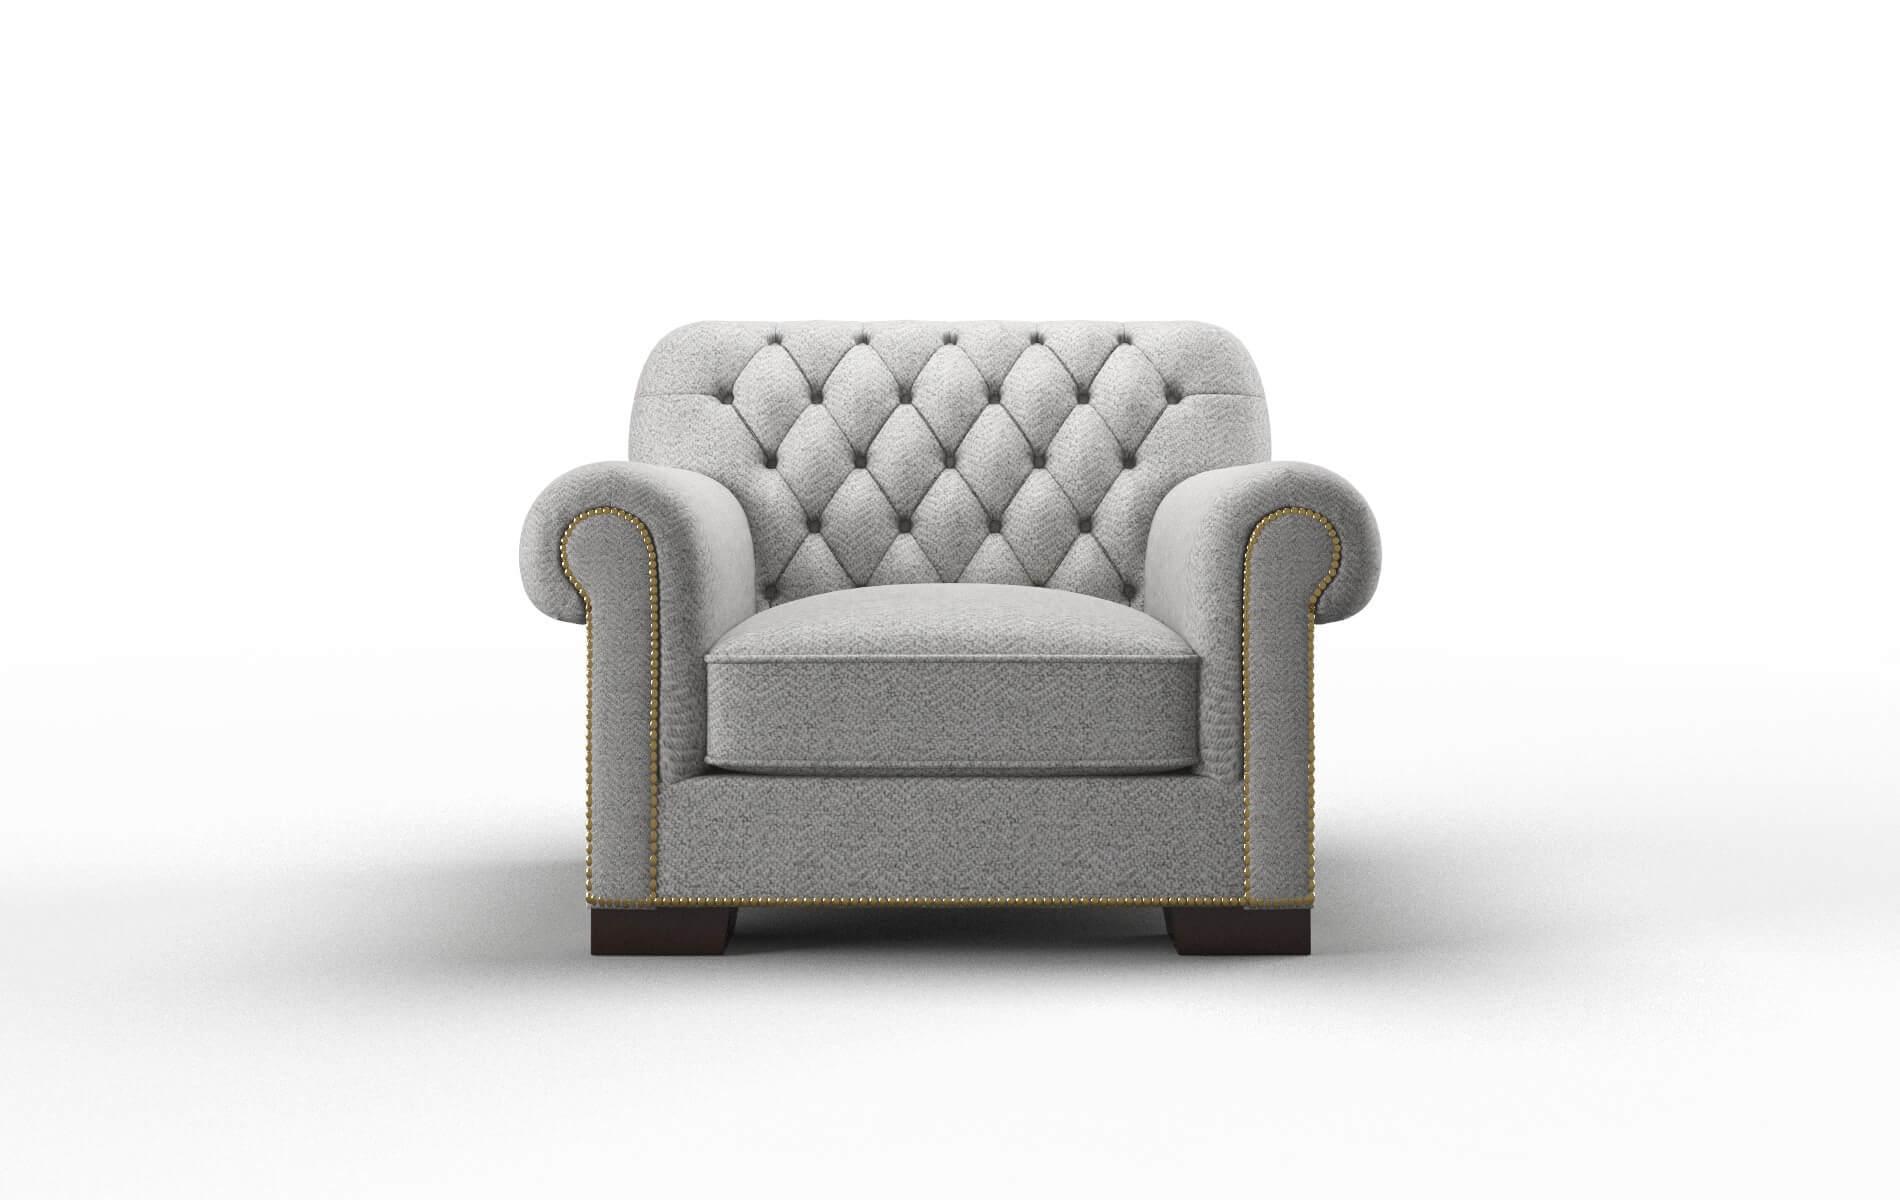 Chester Catalina Silver chair espresso legs